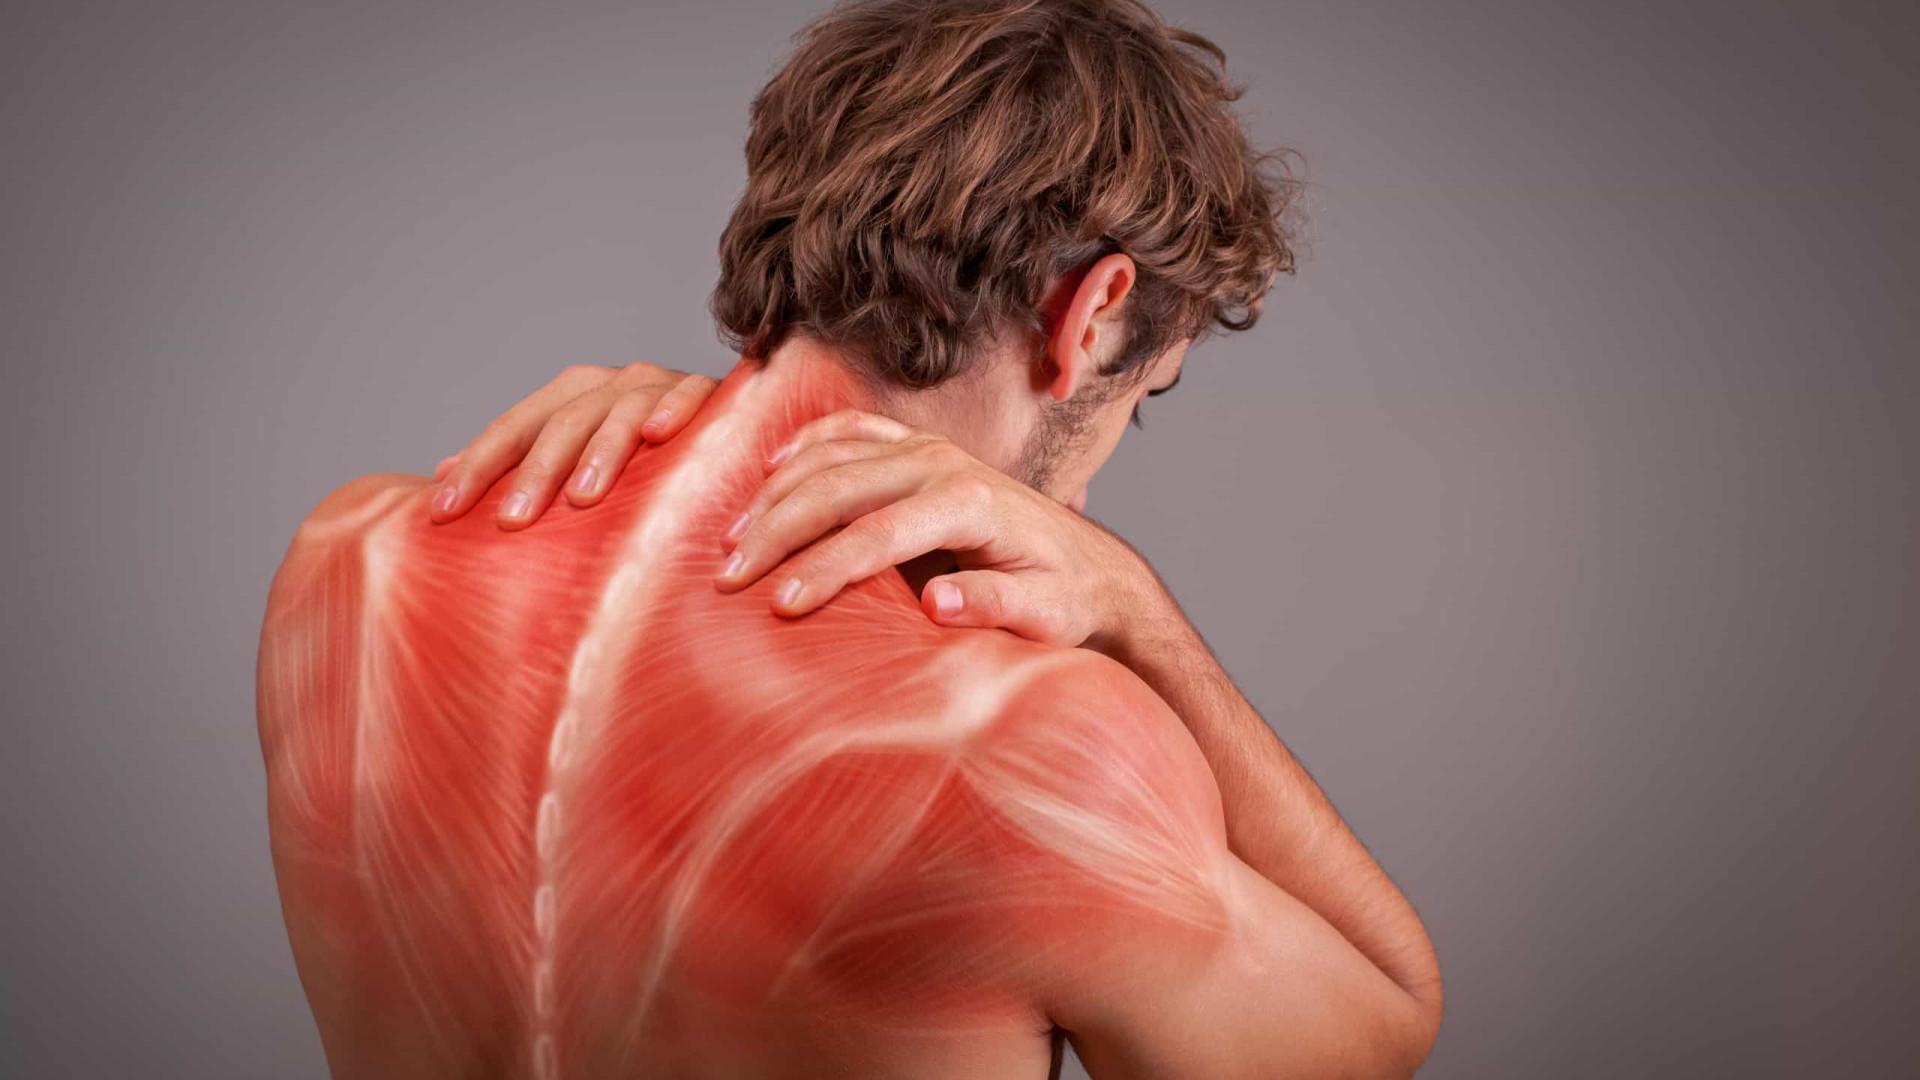 Investigadores estudam novas terapias para tratar lesão muscular